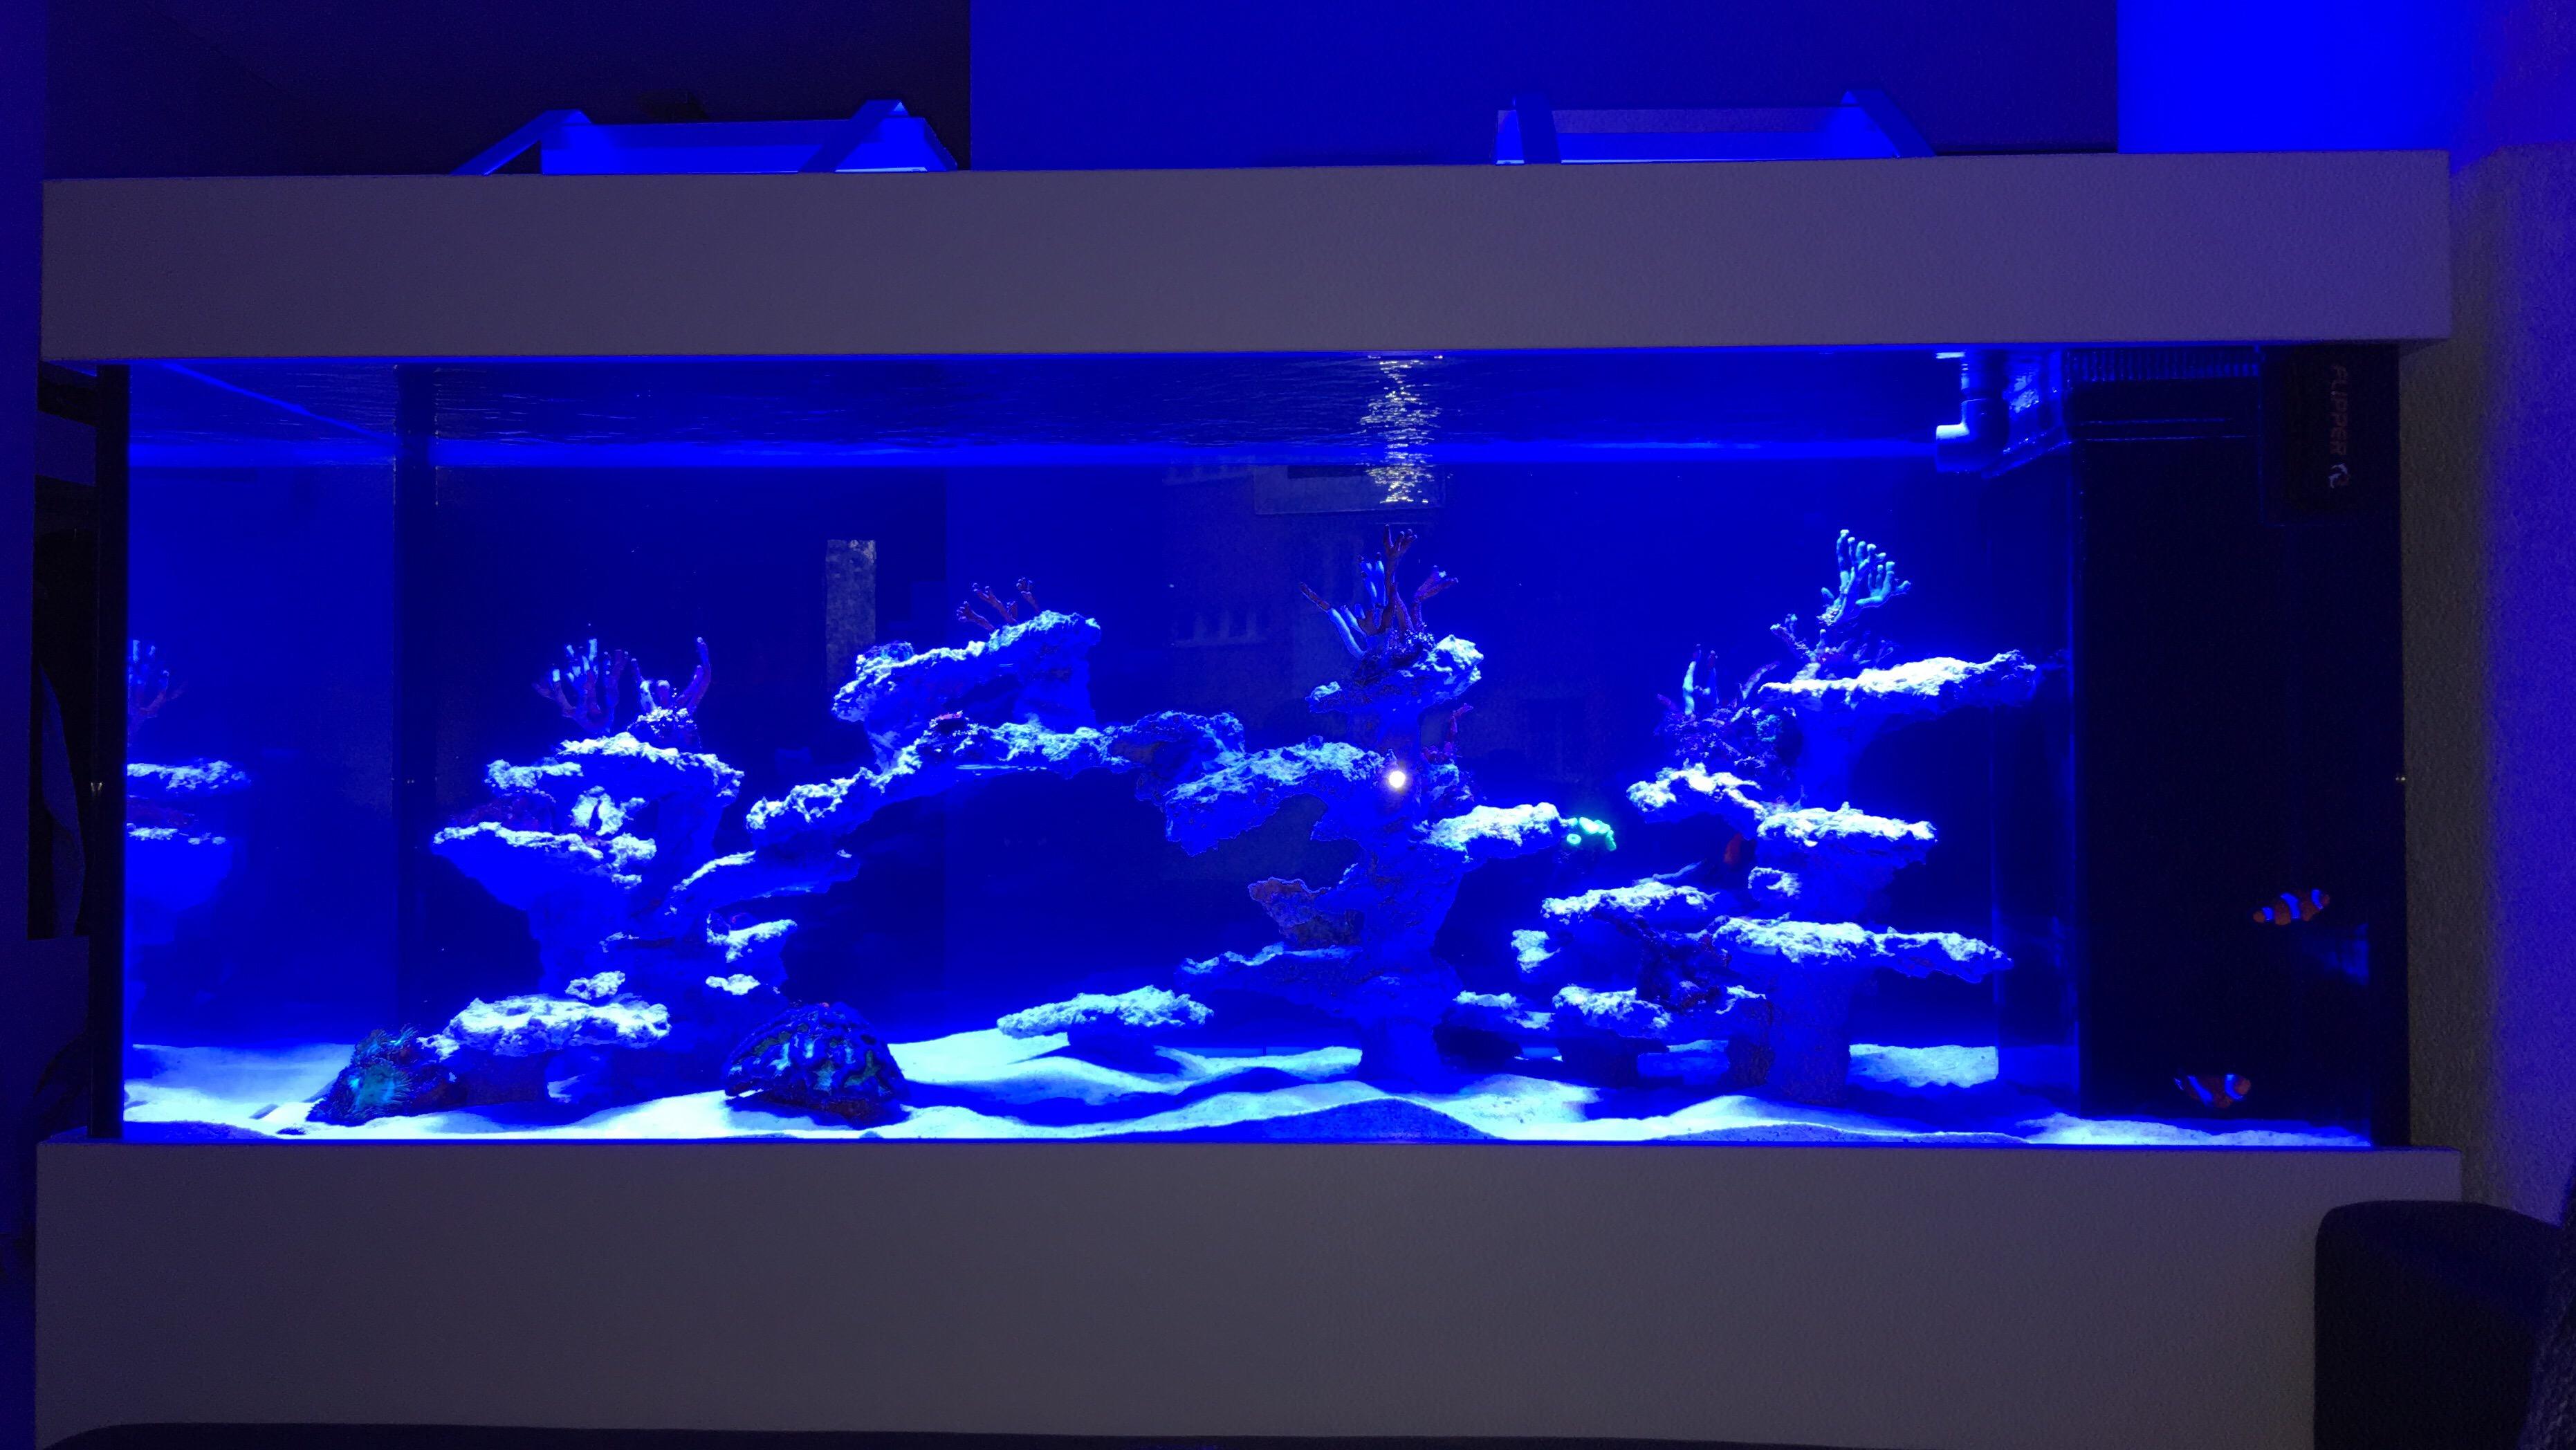 wtp3usbx Frais De Aquarium Recifal Complet Concept